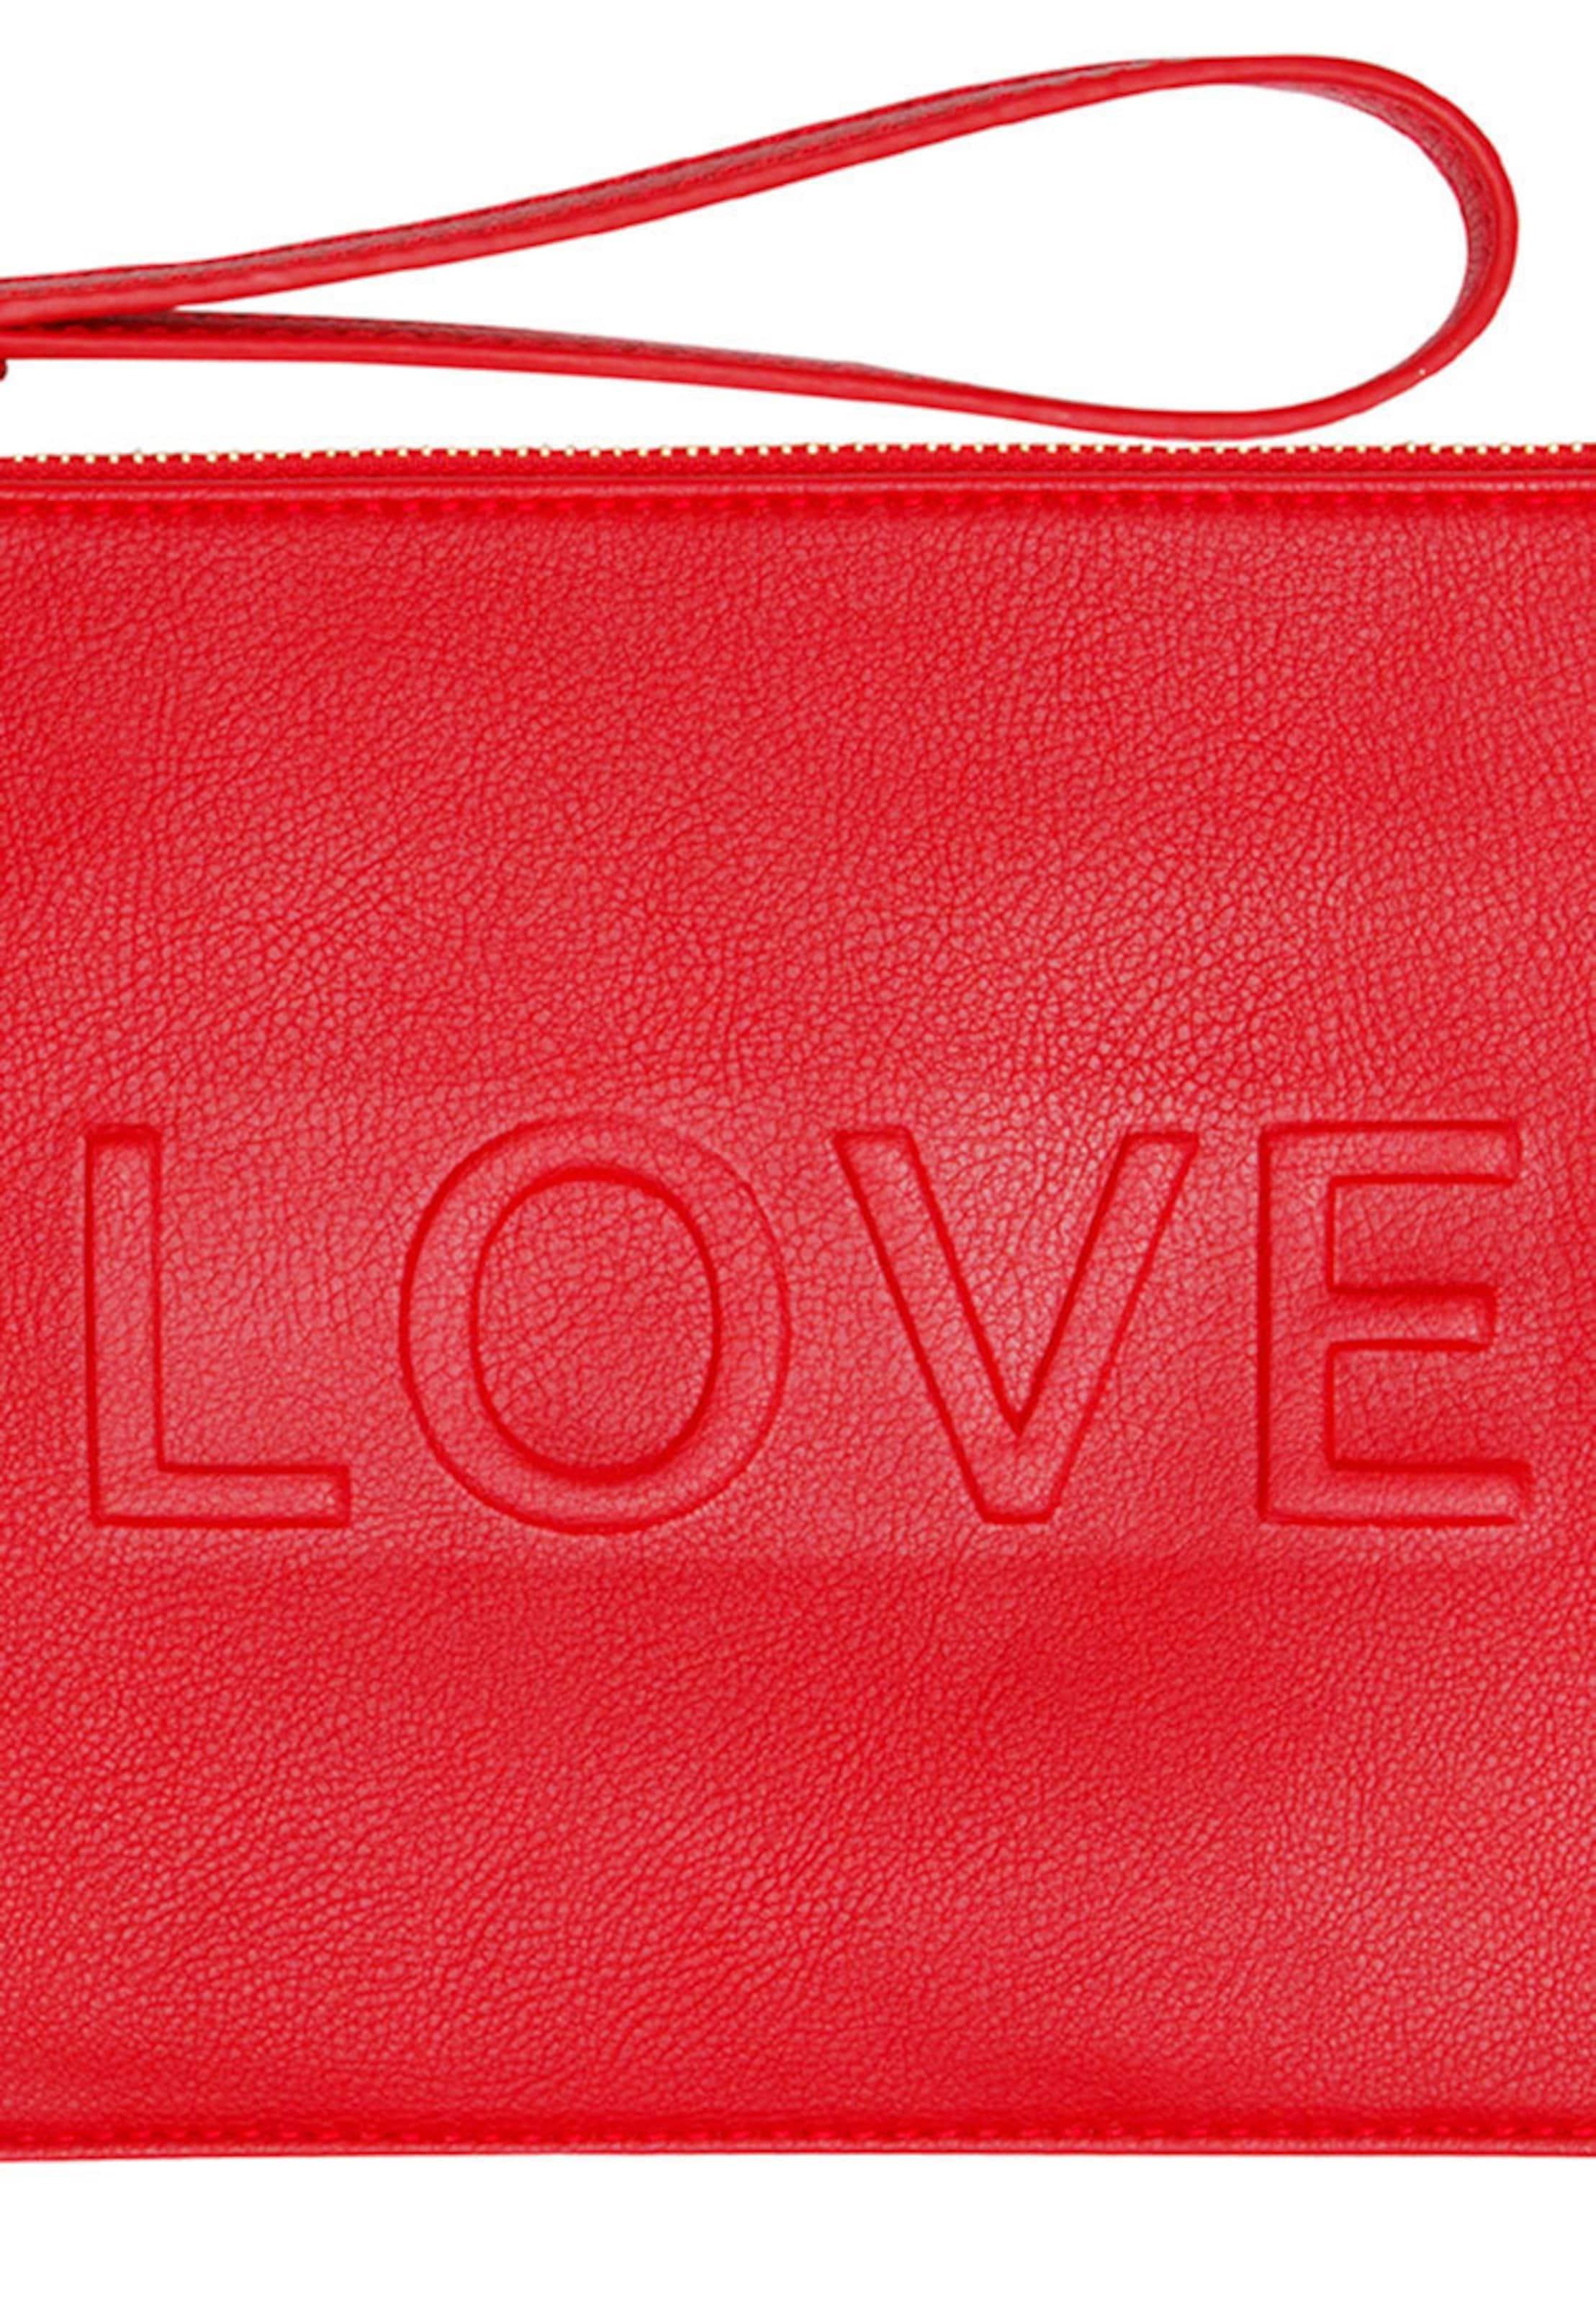 HALLHUBER Clutch mit LOVE-Statement Footlocker Bilder Online Erschwinglich Zu Verkaufen Footlocker Verkauf Online Frei Verschiffen Angebot sjTMx